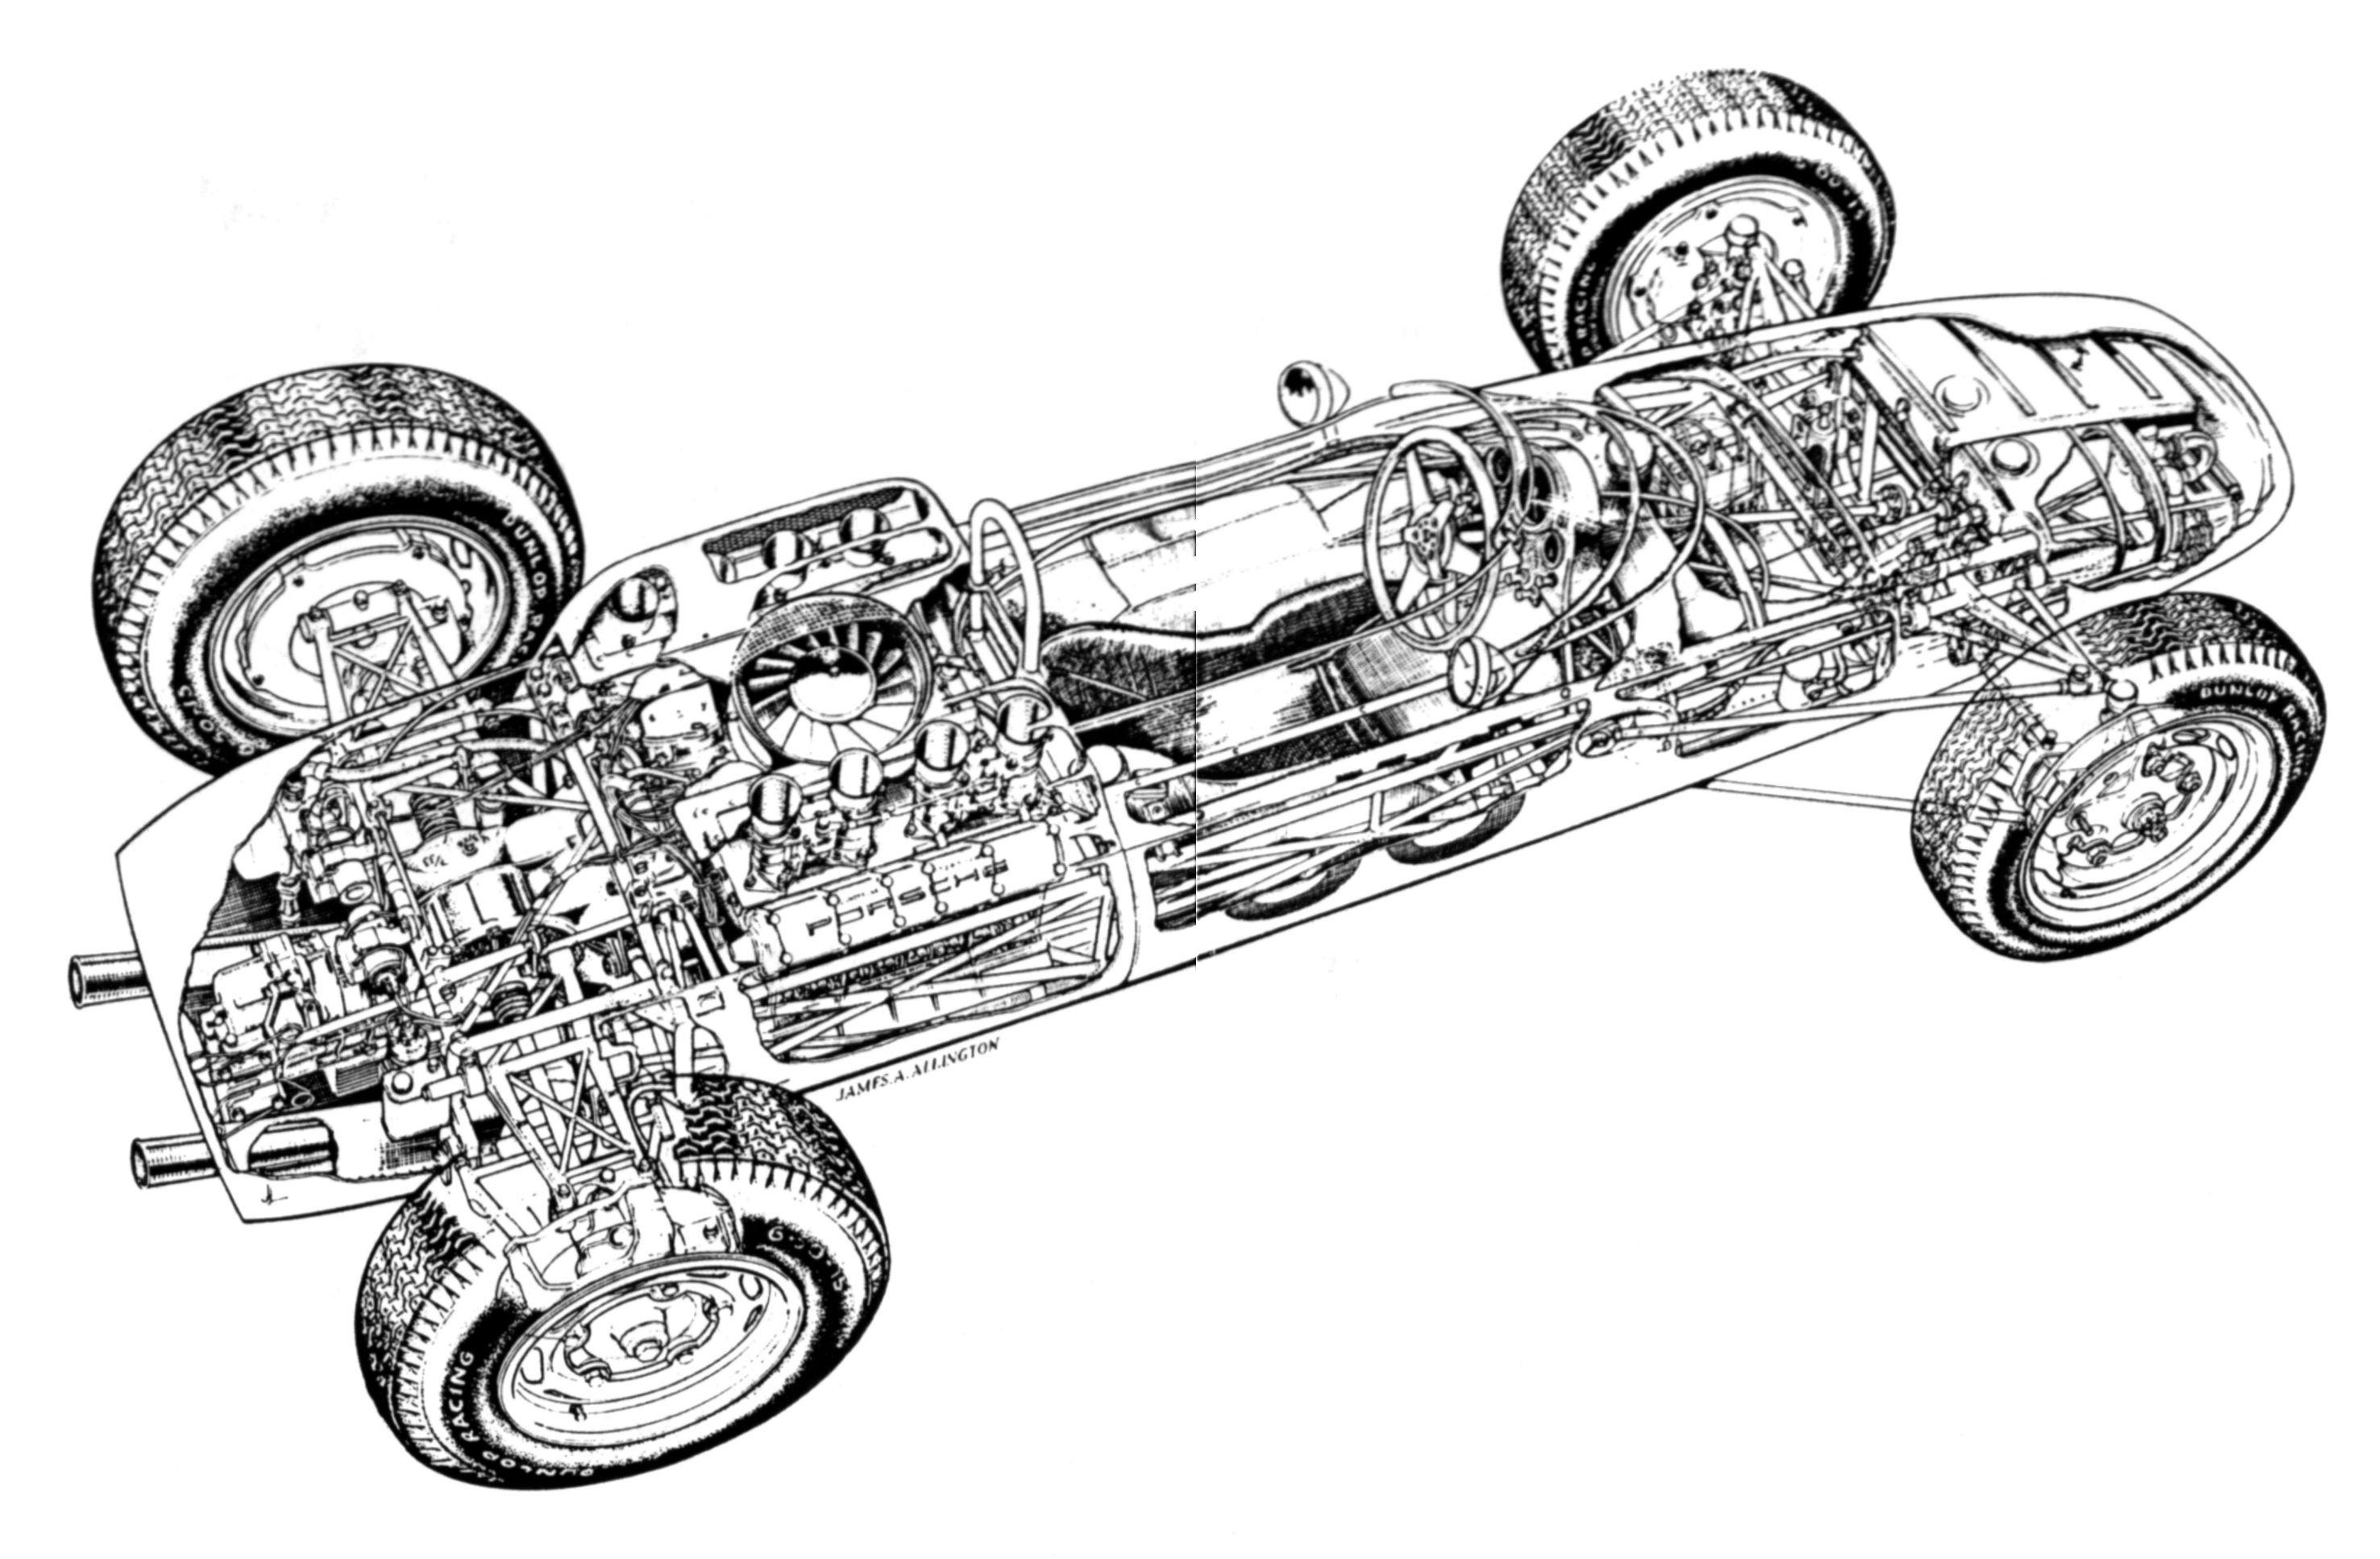 Keptalalat A Kovetkez Re F1 Cars Blueprint